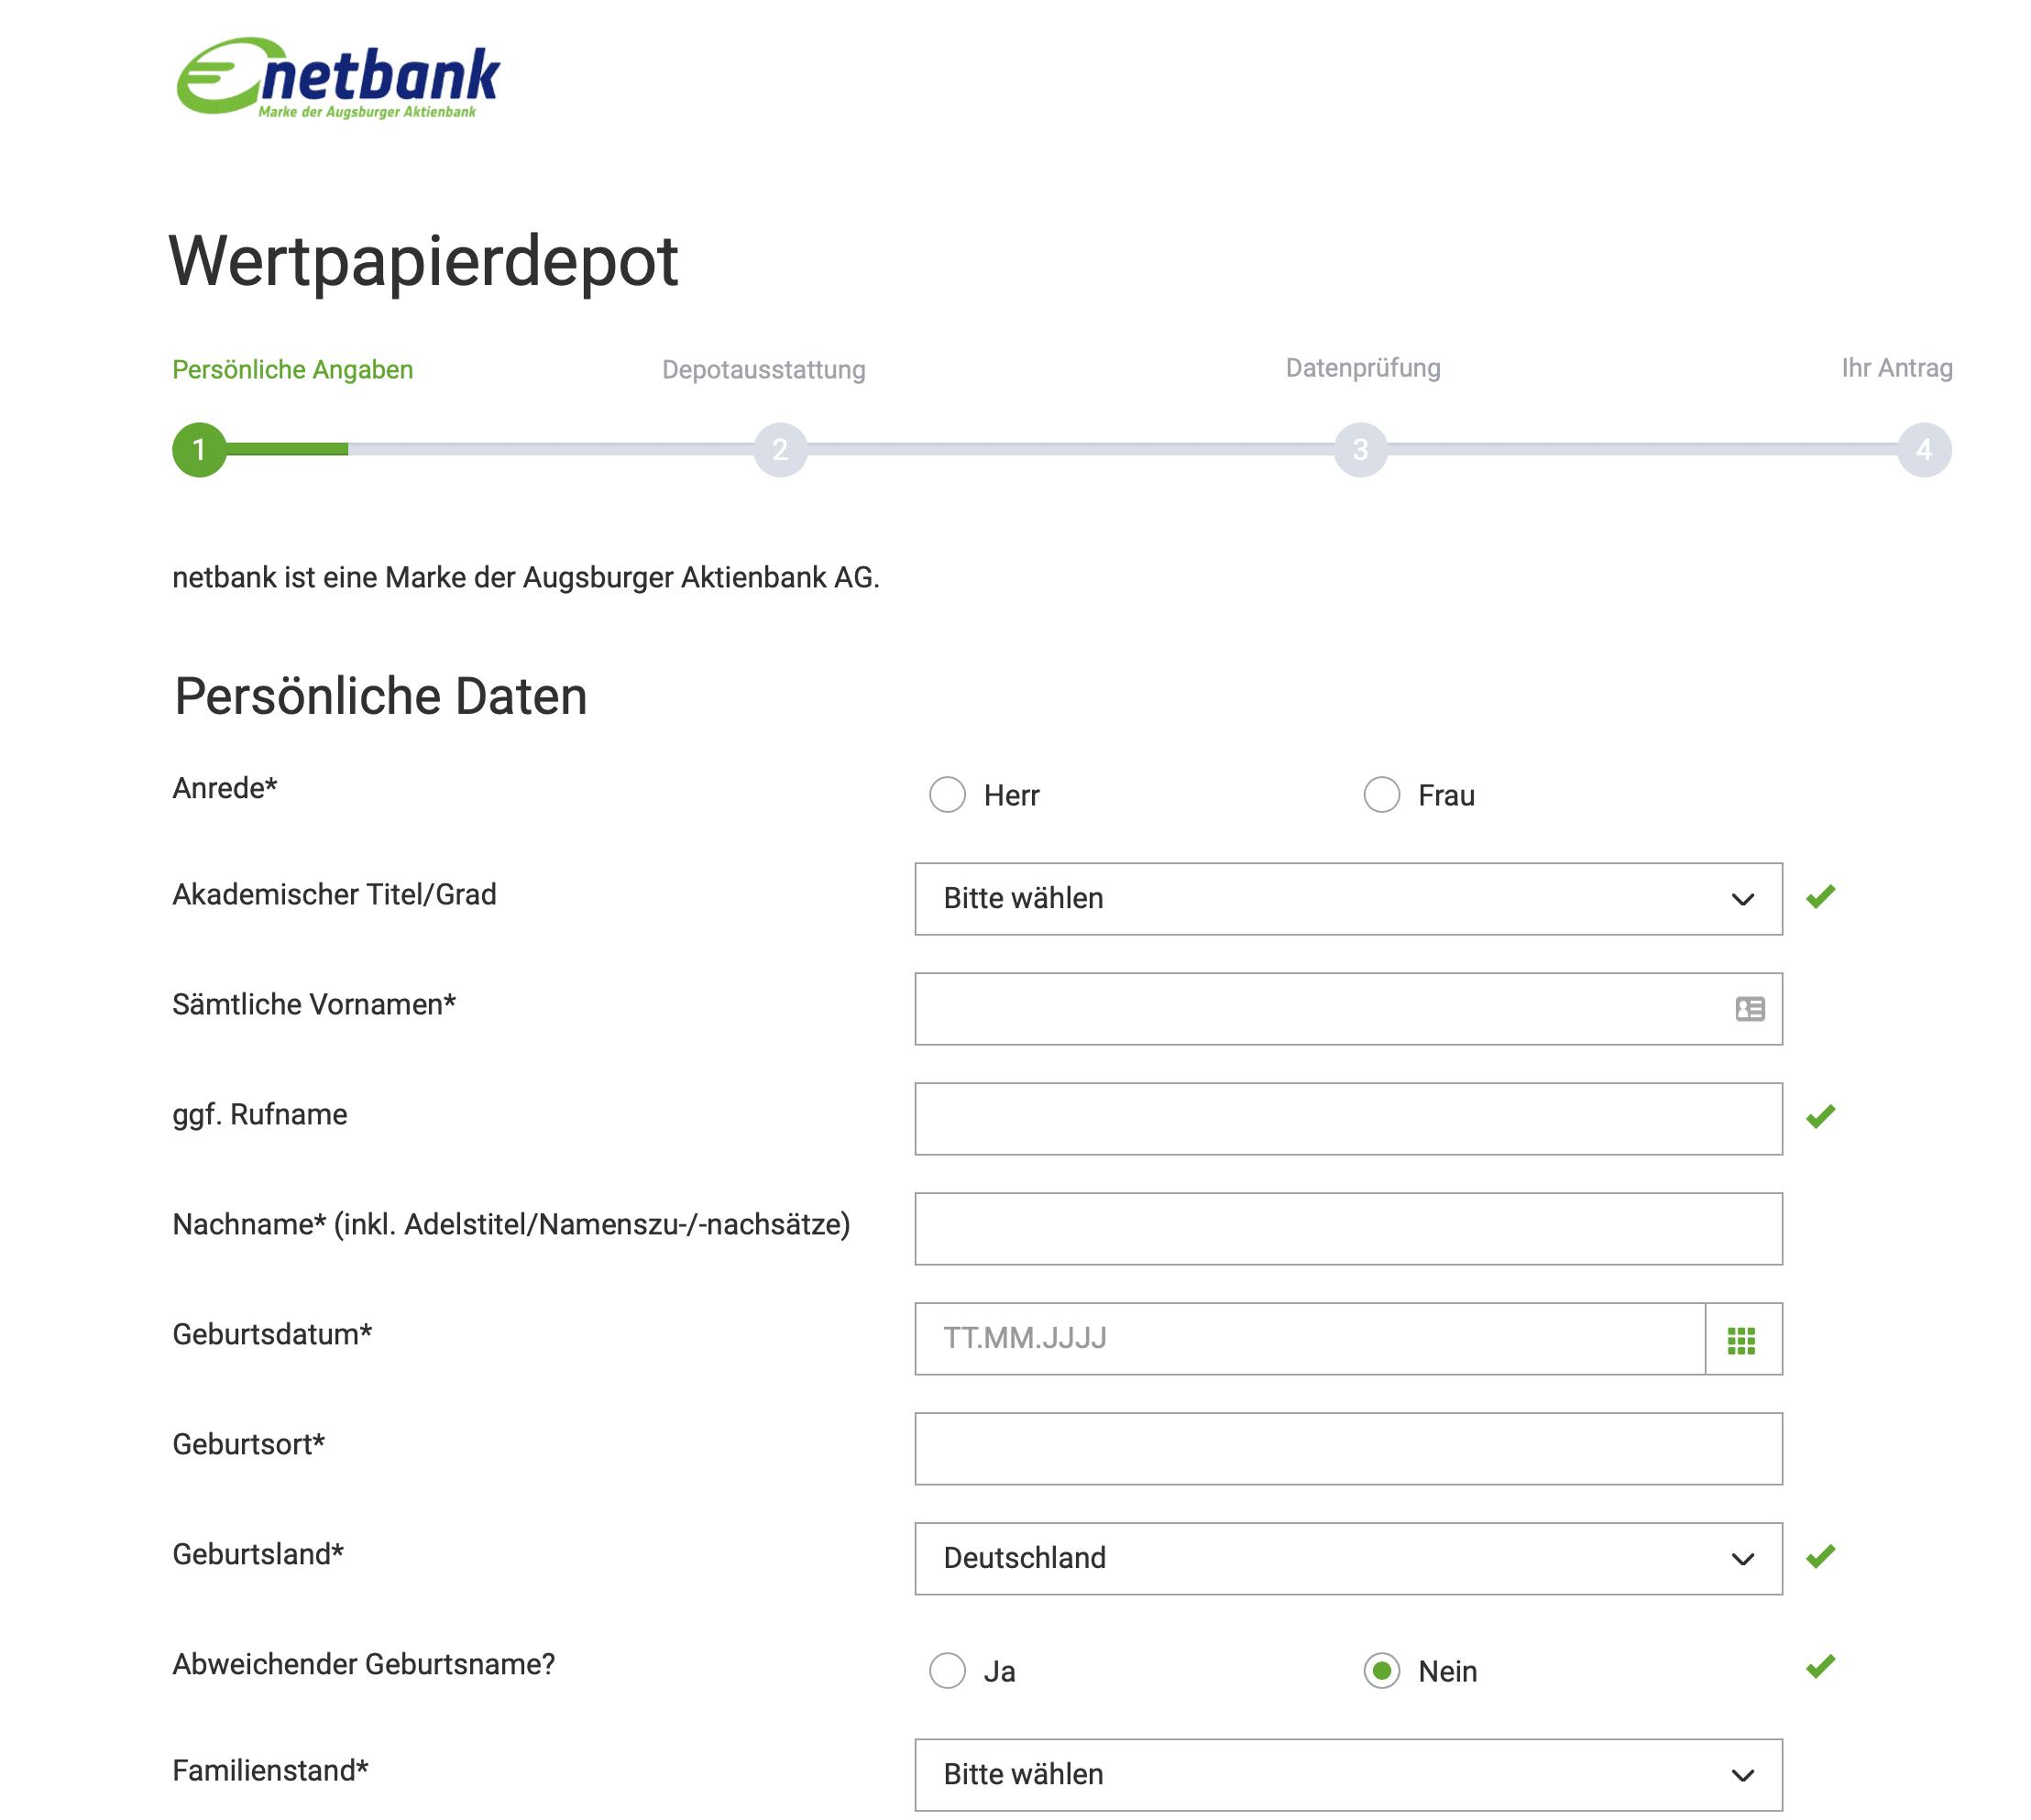 Persönliche Angaben - Netbank